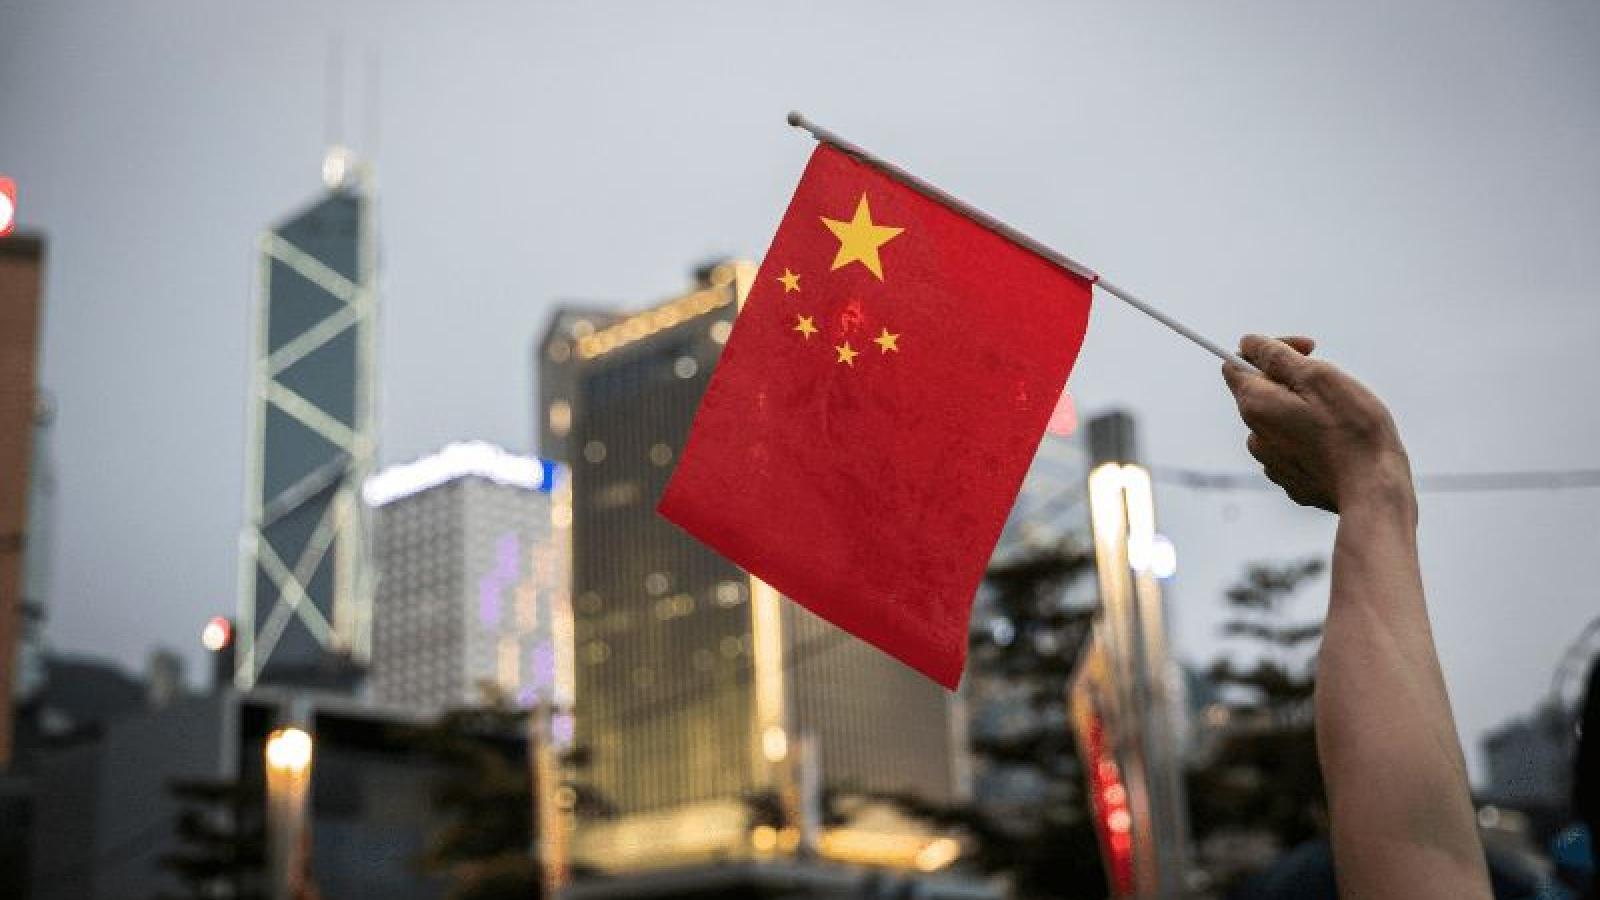 Trung Quốc tự chủ về công nghệ, phấn đấu vượt Mỹ vào năm 2035